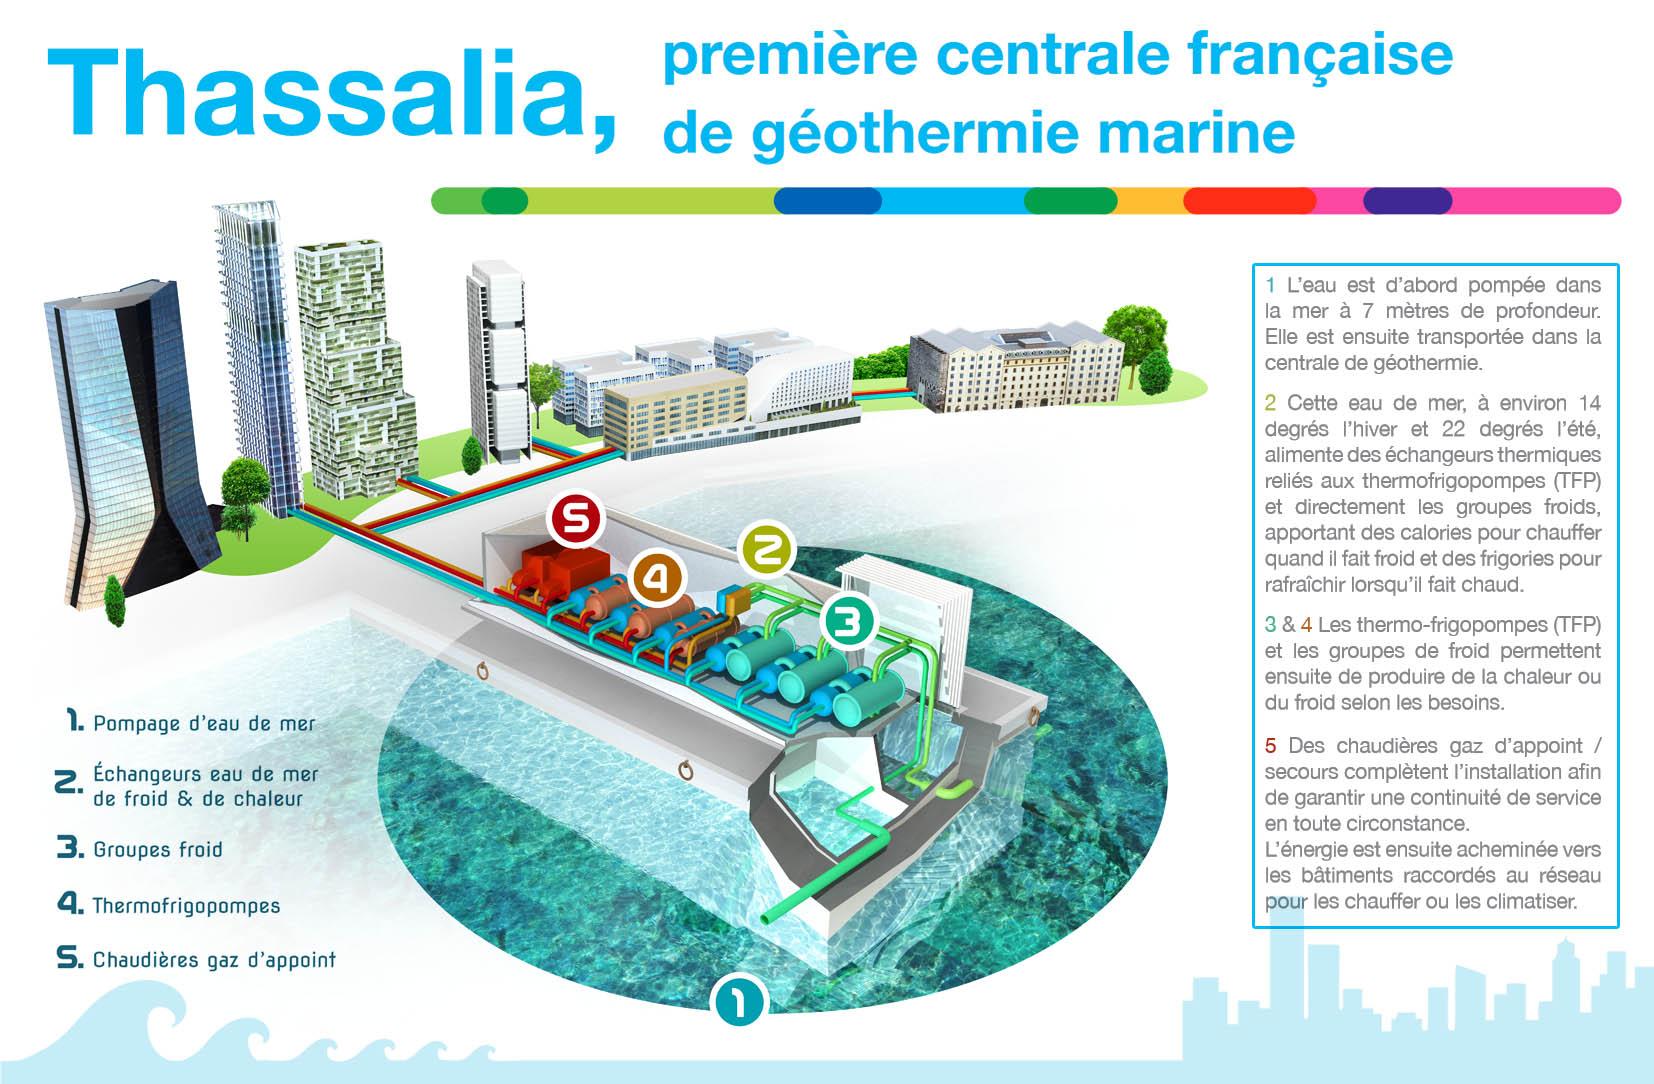 Thassalia